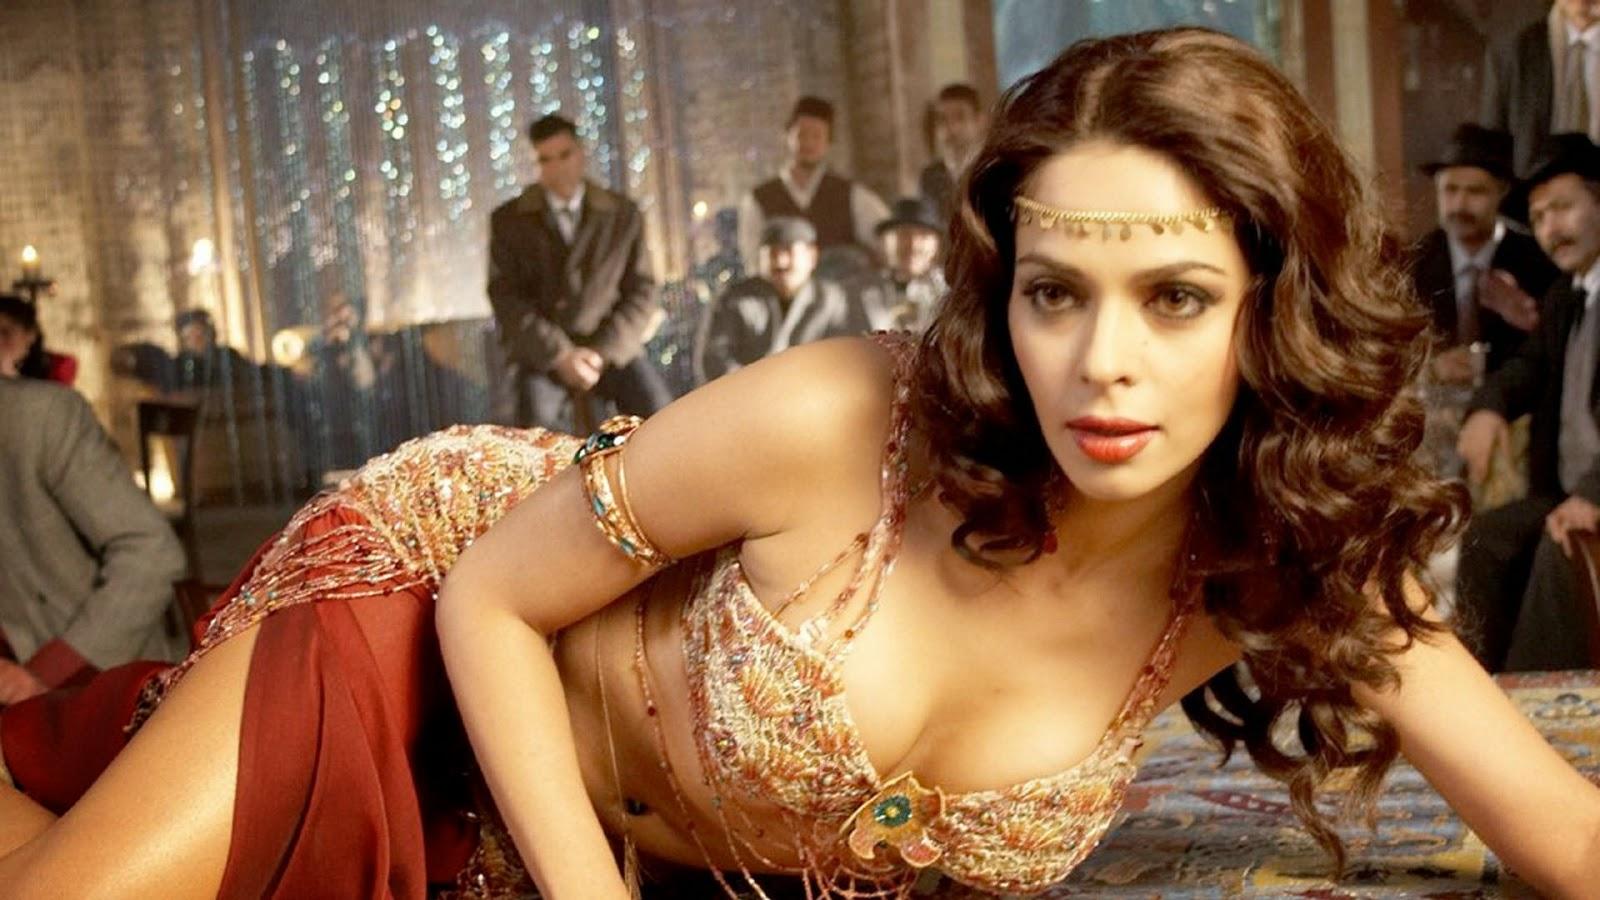 Bollywood Pics Pix4World Mallika Sherawat Hottest And -5546